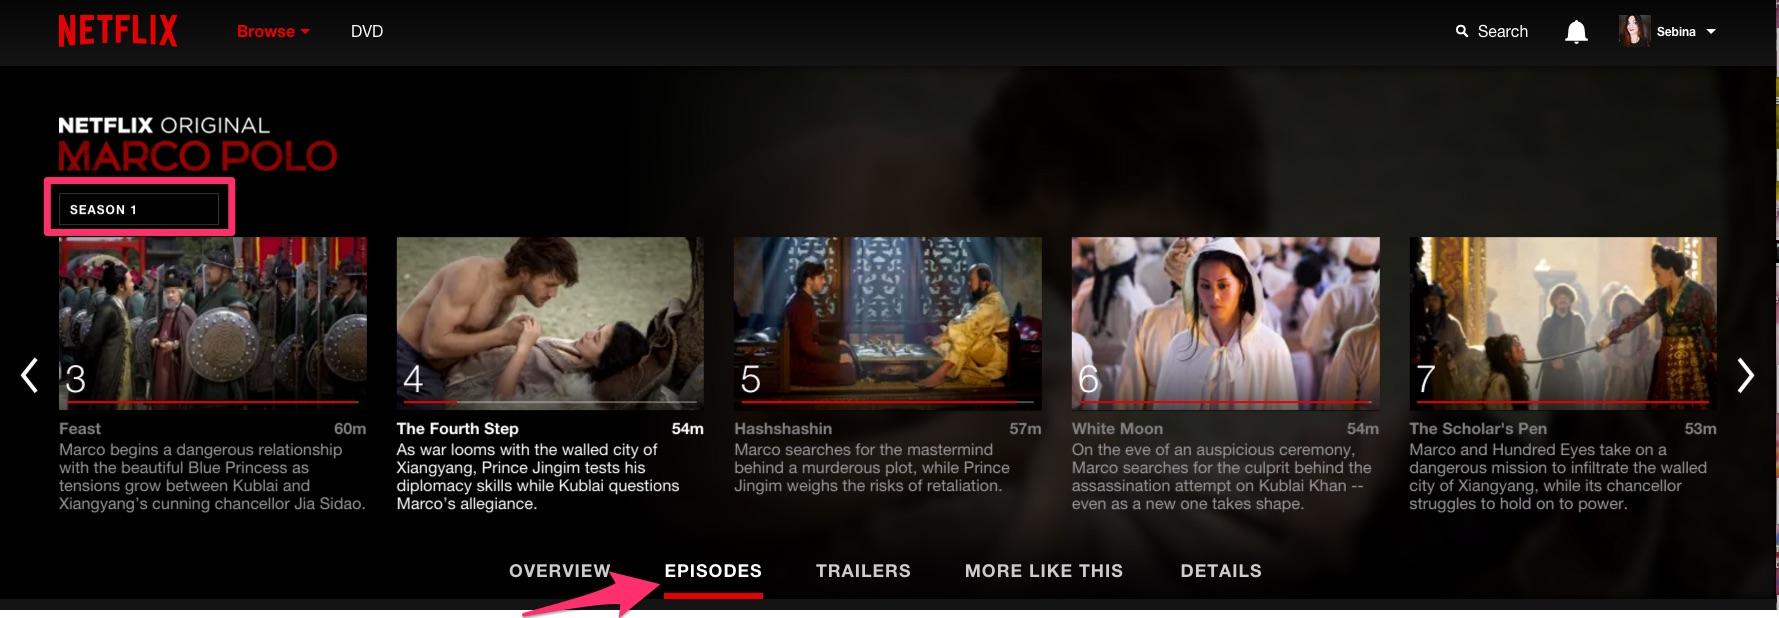 giocare con il sesso serie tv vm18